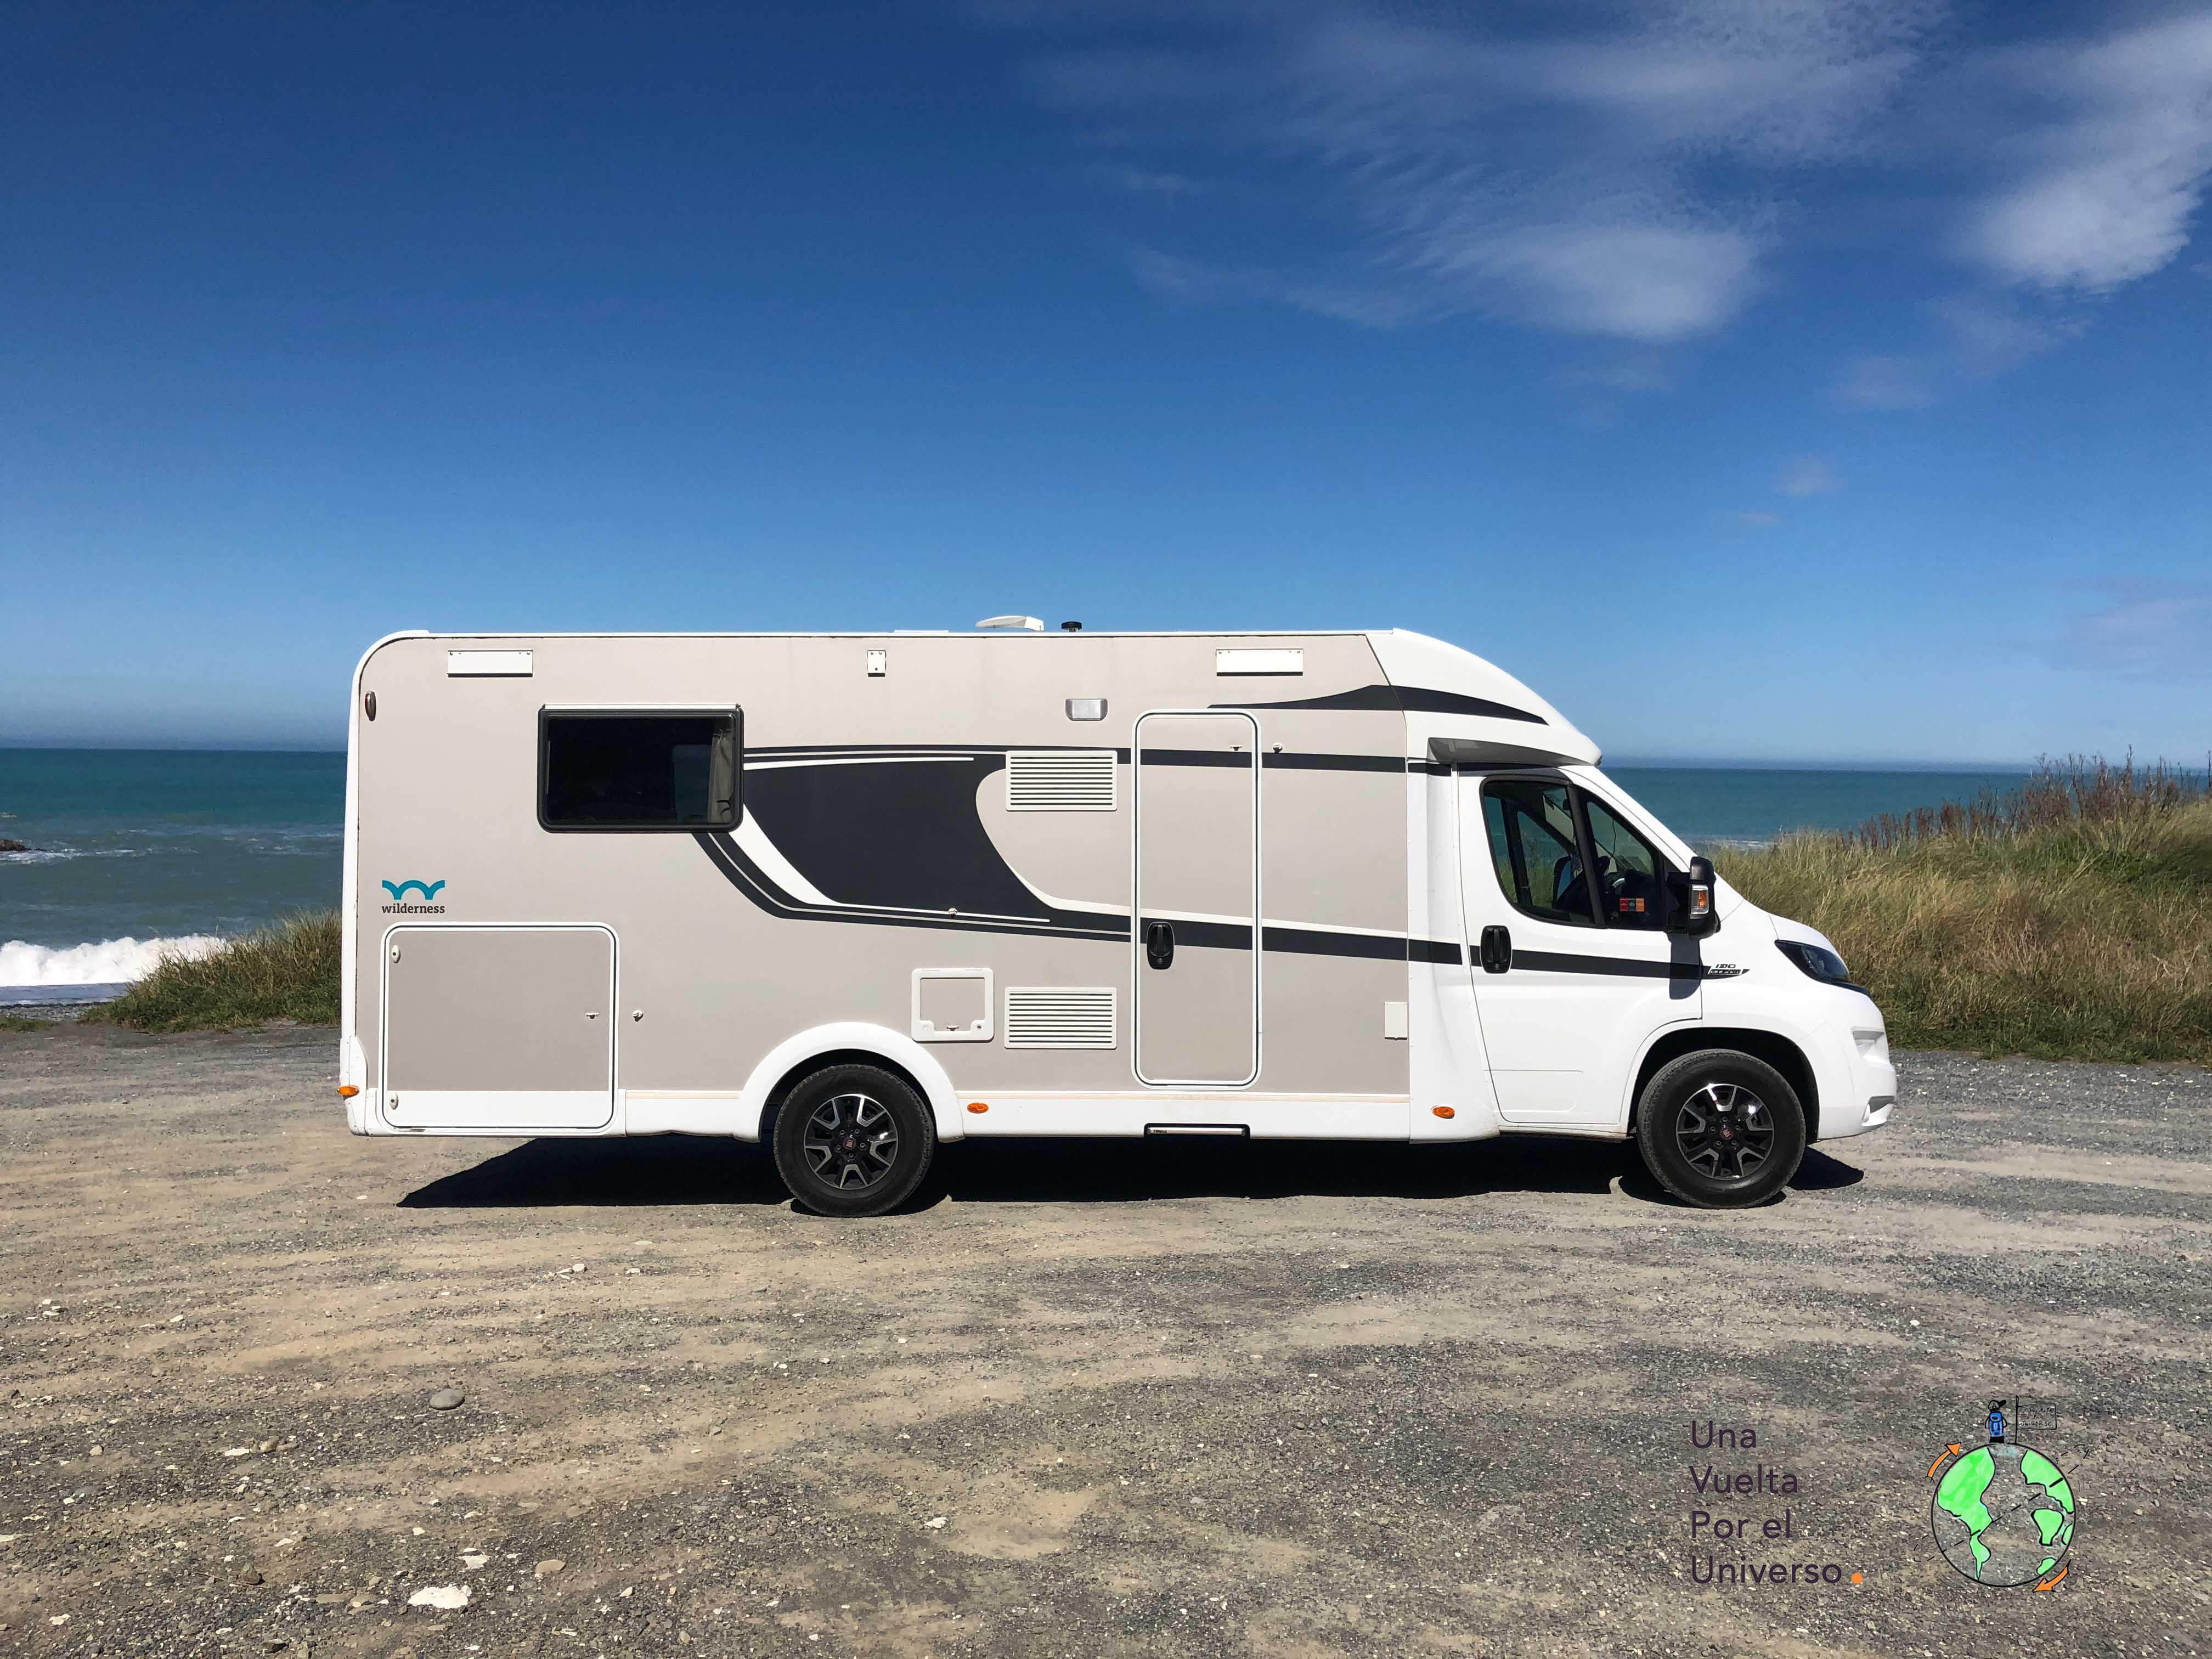 En NZ nos dieron esta motorhome para llevarla de Auckland a Christchurch. Fue una experiencia increíble!